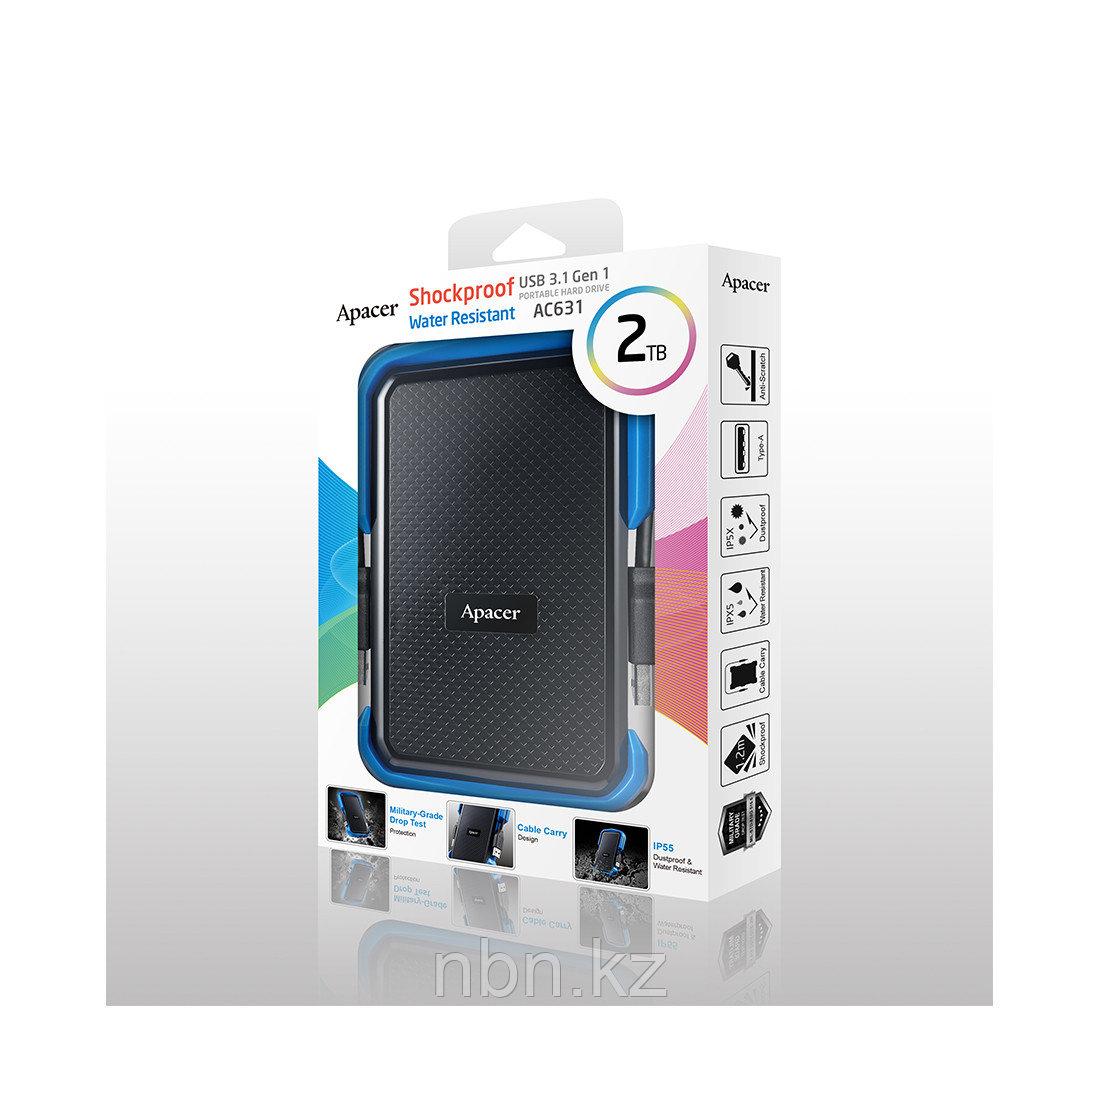 """Внешний жёсткий диск Apacer 2TB 2.5"""" AC631 Синий - фото 2"""